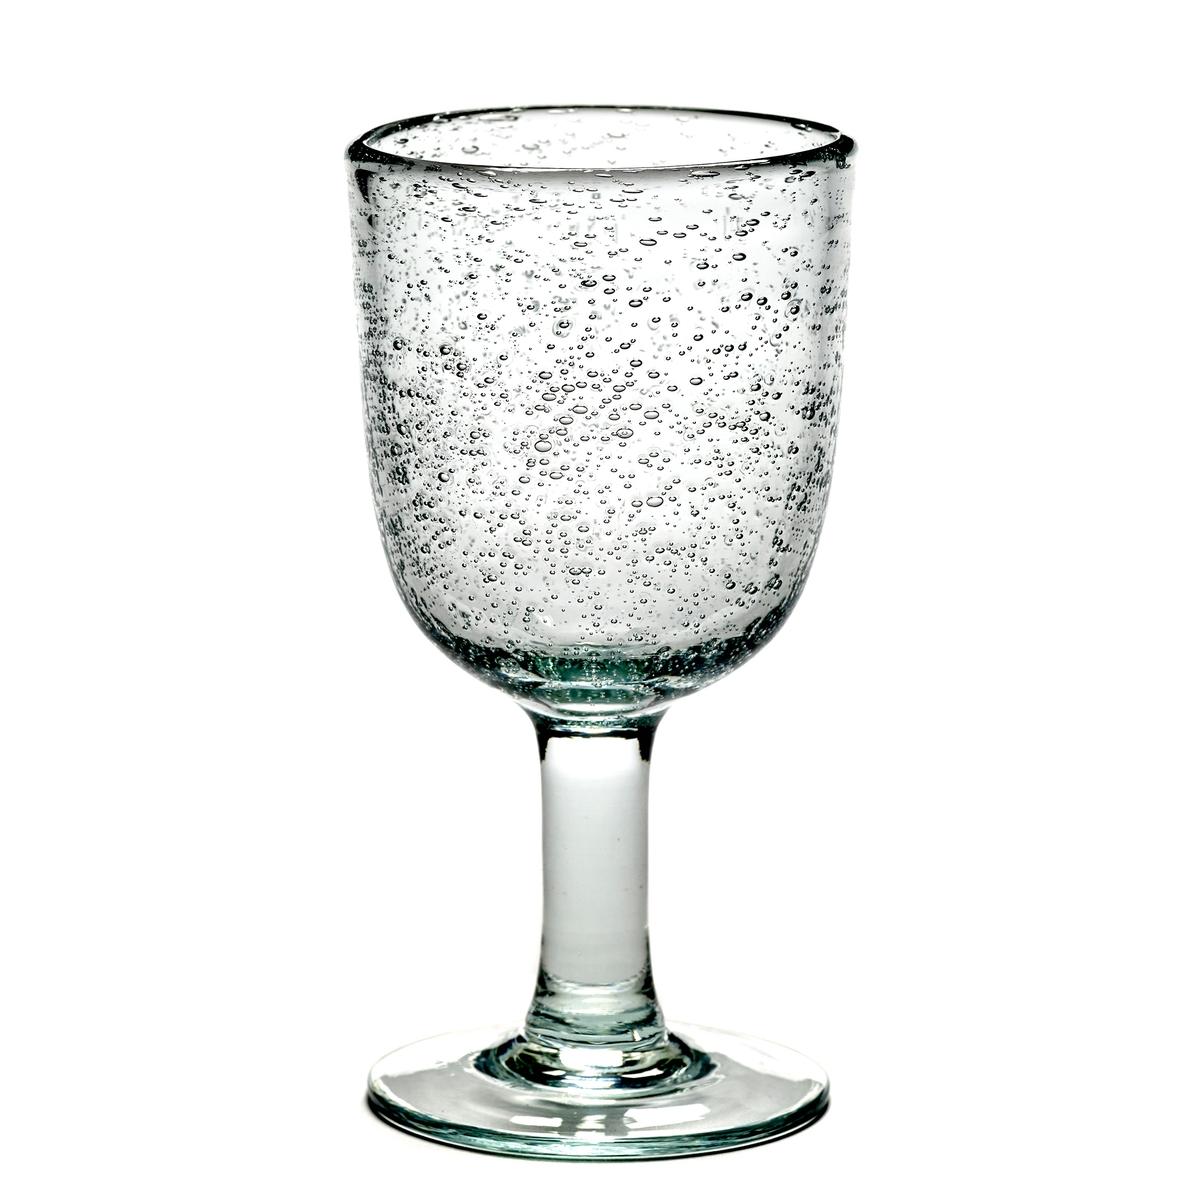 Бокала La Redoute Для белого вина Pure дизайн П Нессенса Serax единый размер другие бокала la redoute для воды armoy единый размер другие